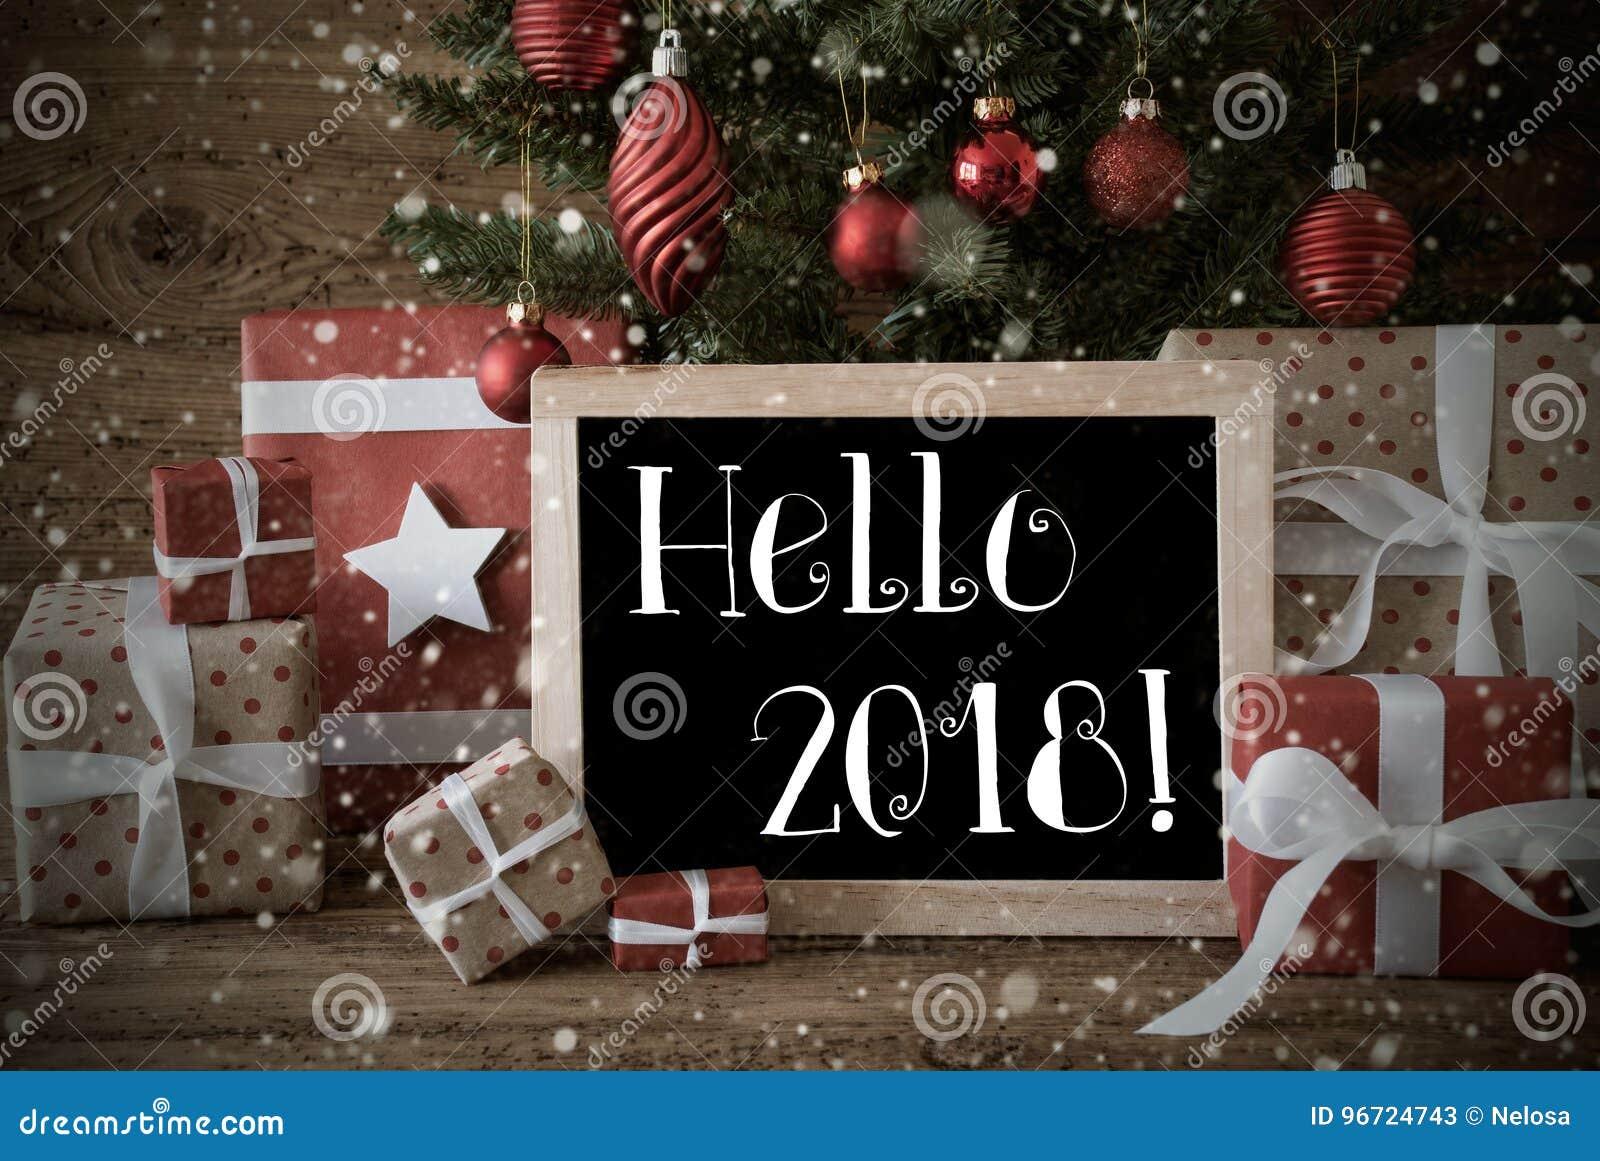 Árbol De Navidad Nostálgico Con Hola 2018, Copos De Nieve Imagen de ...